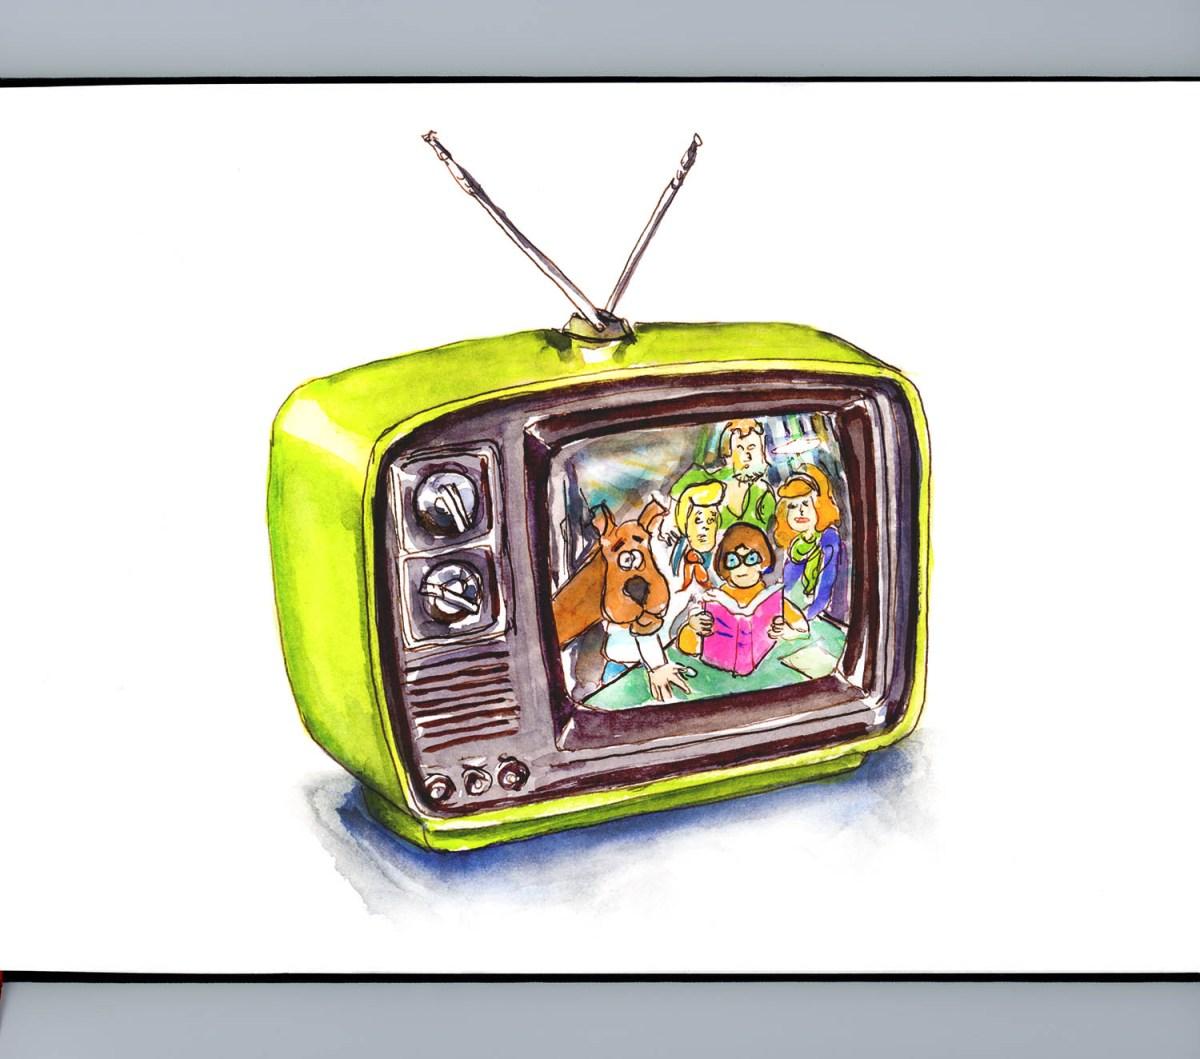 Day 9 - Retro Television Scooby Doo Watercolor_IG_